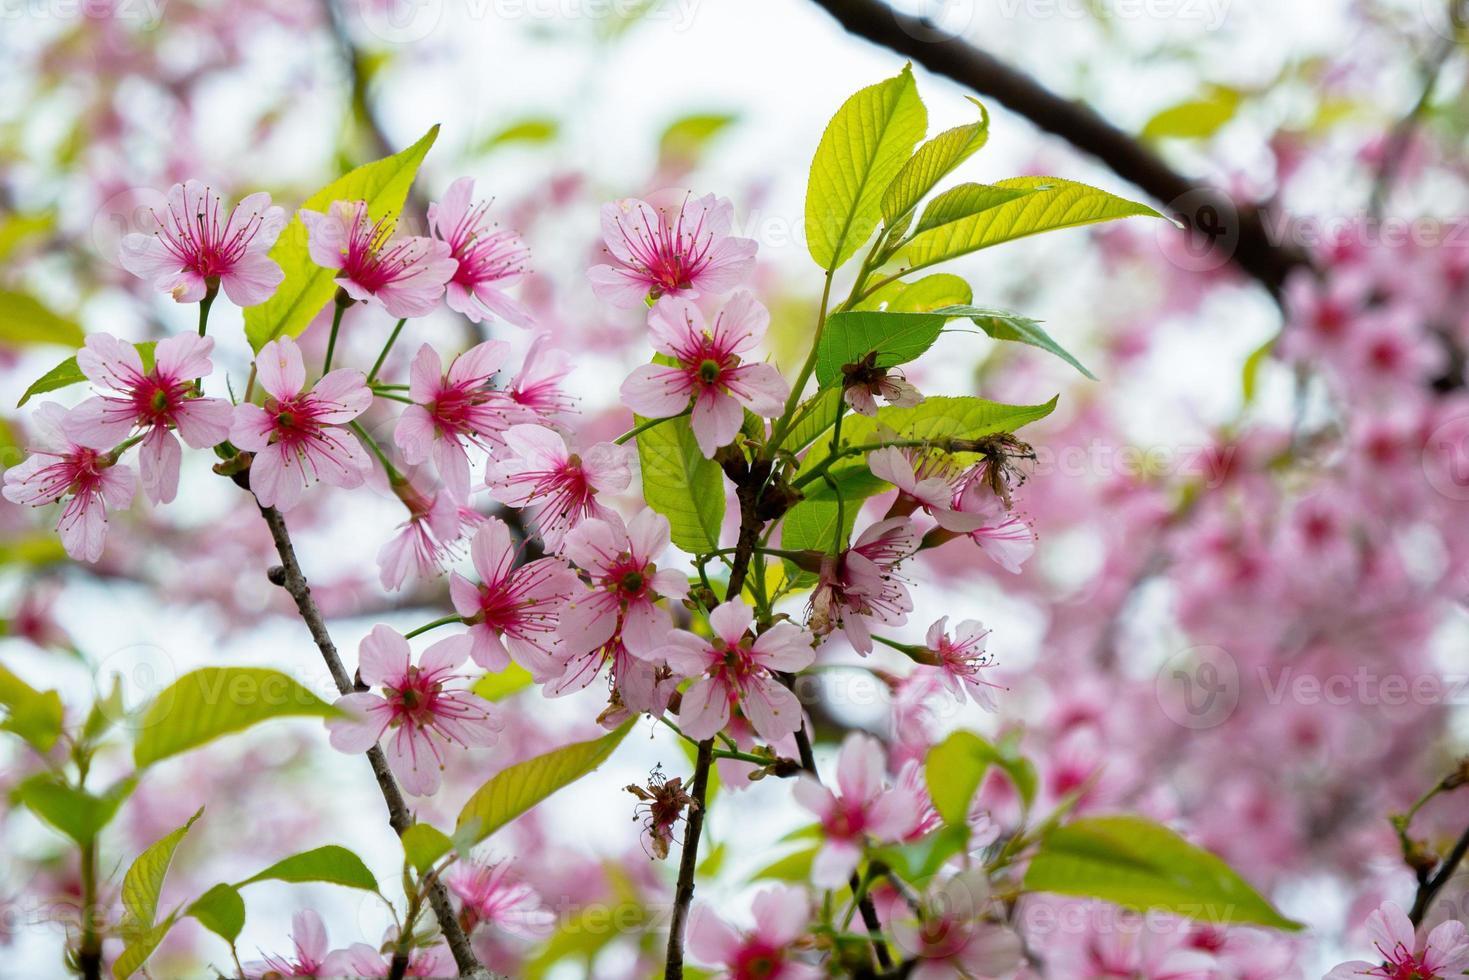 rosa Blüten und grüne Blätter foto